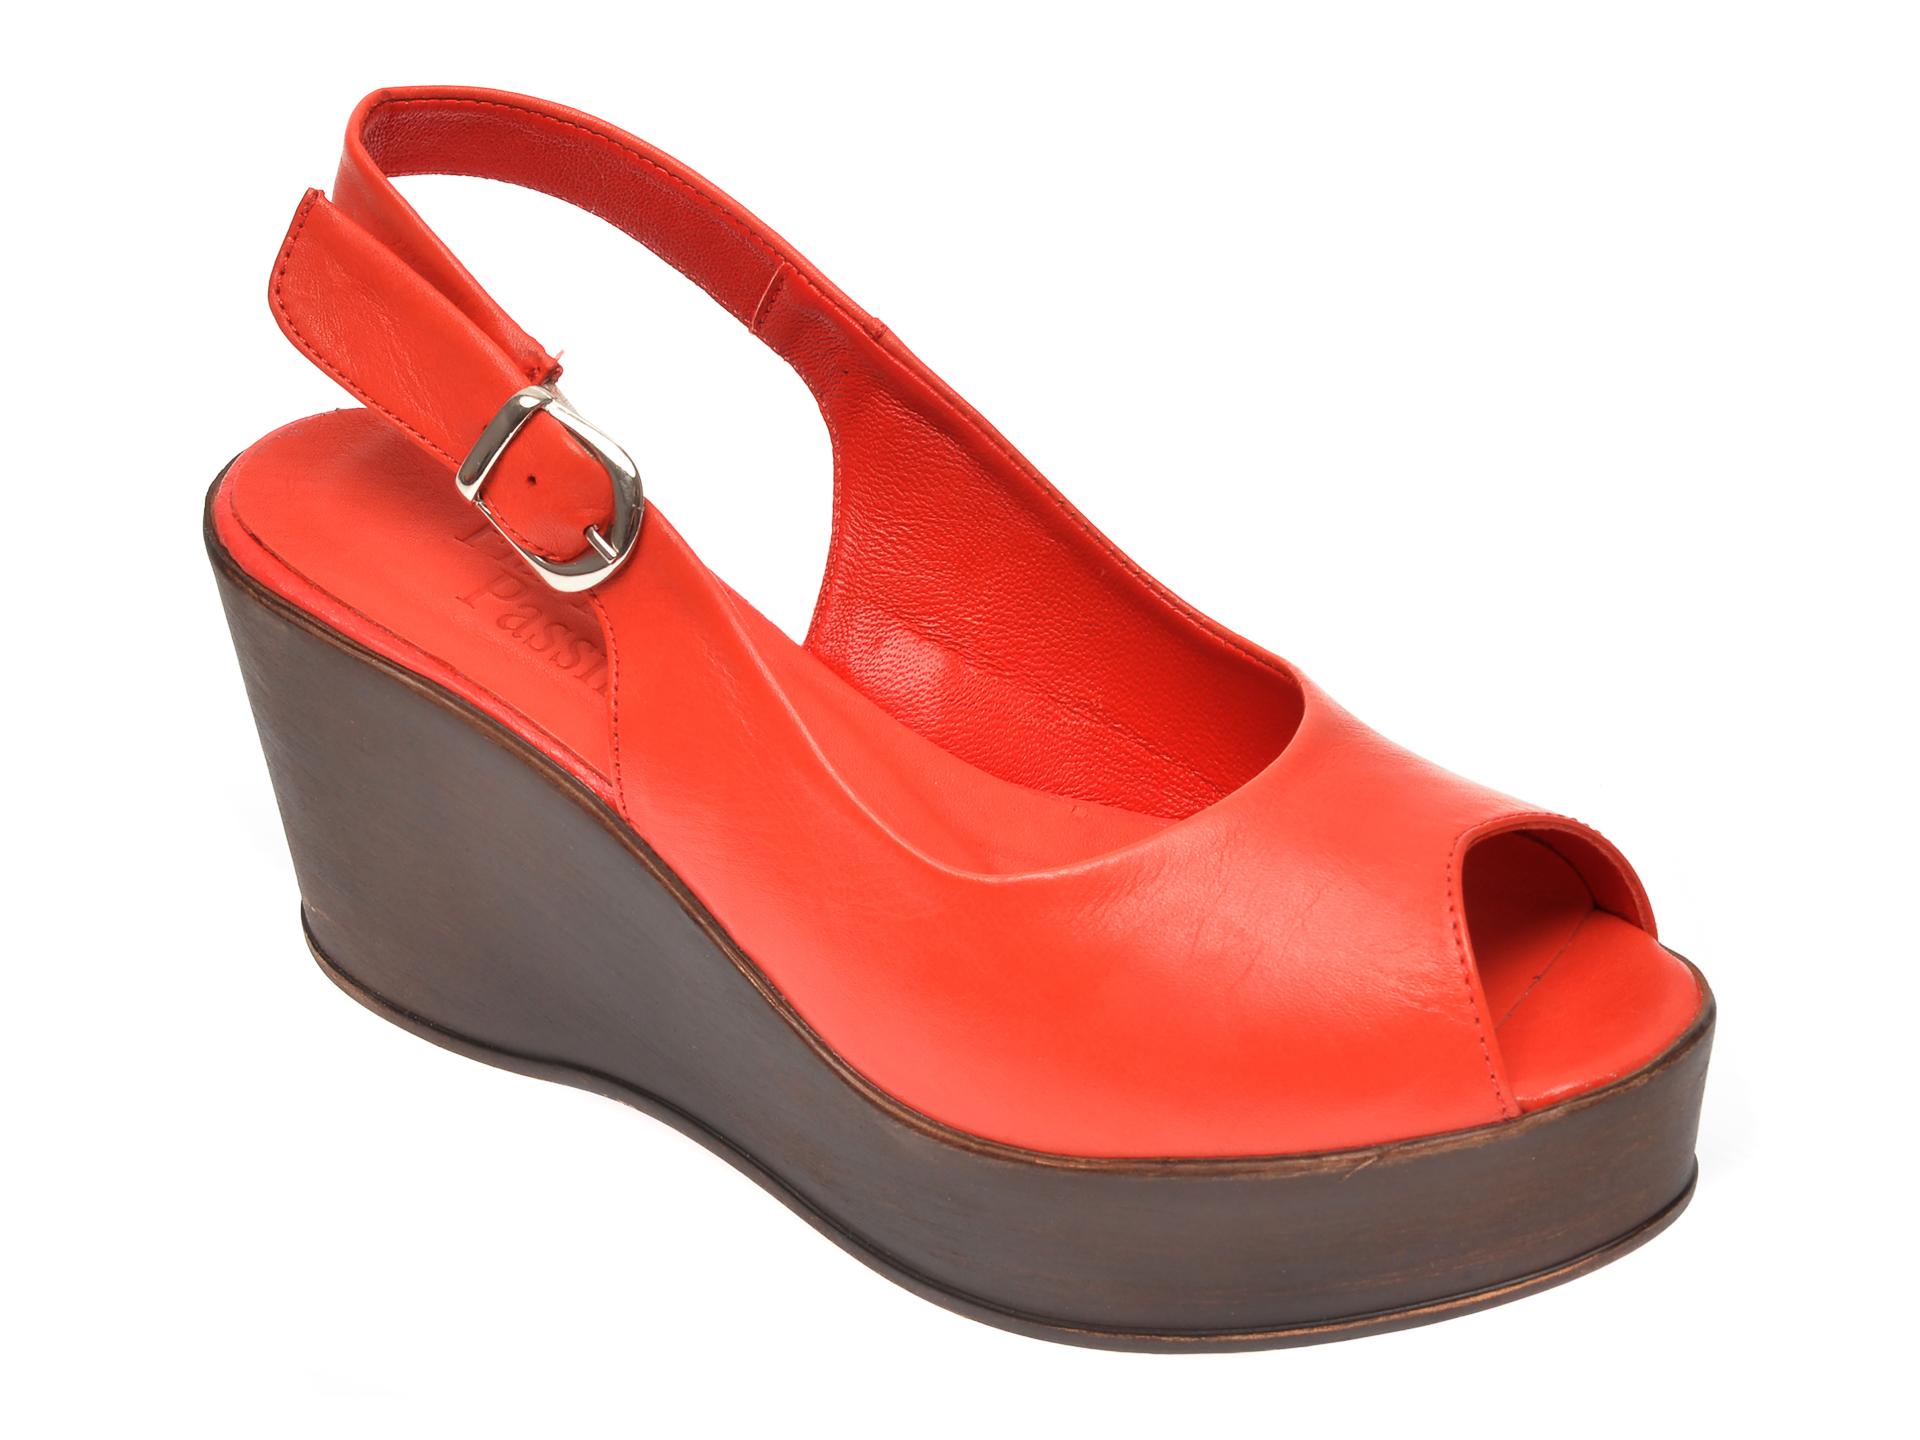 Sandale FLAVIA PASSINI portocalii, 1110, din piele naturala